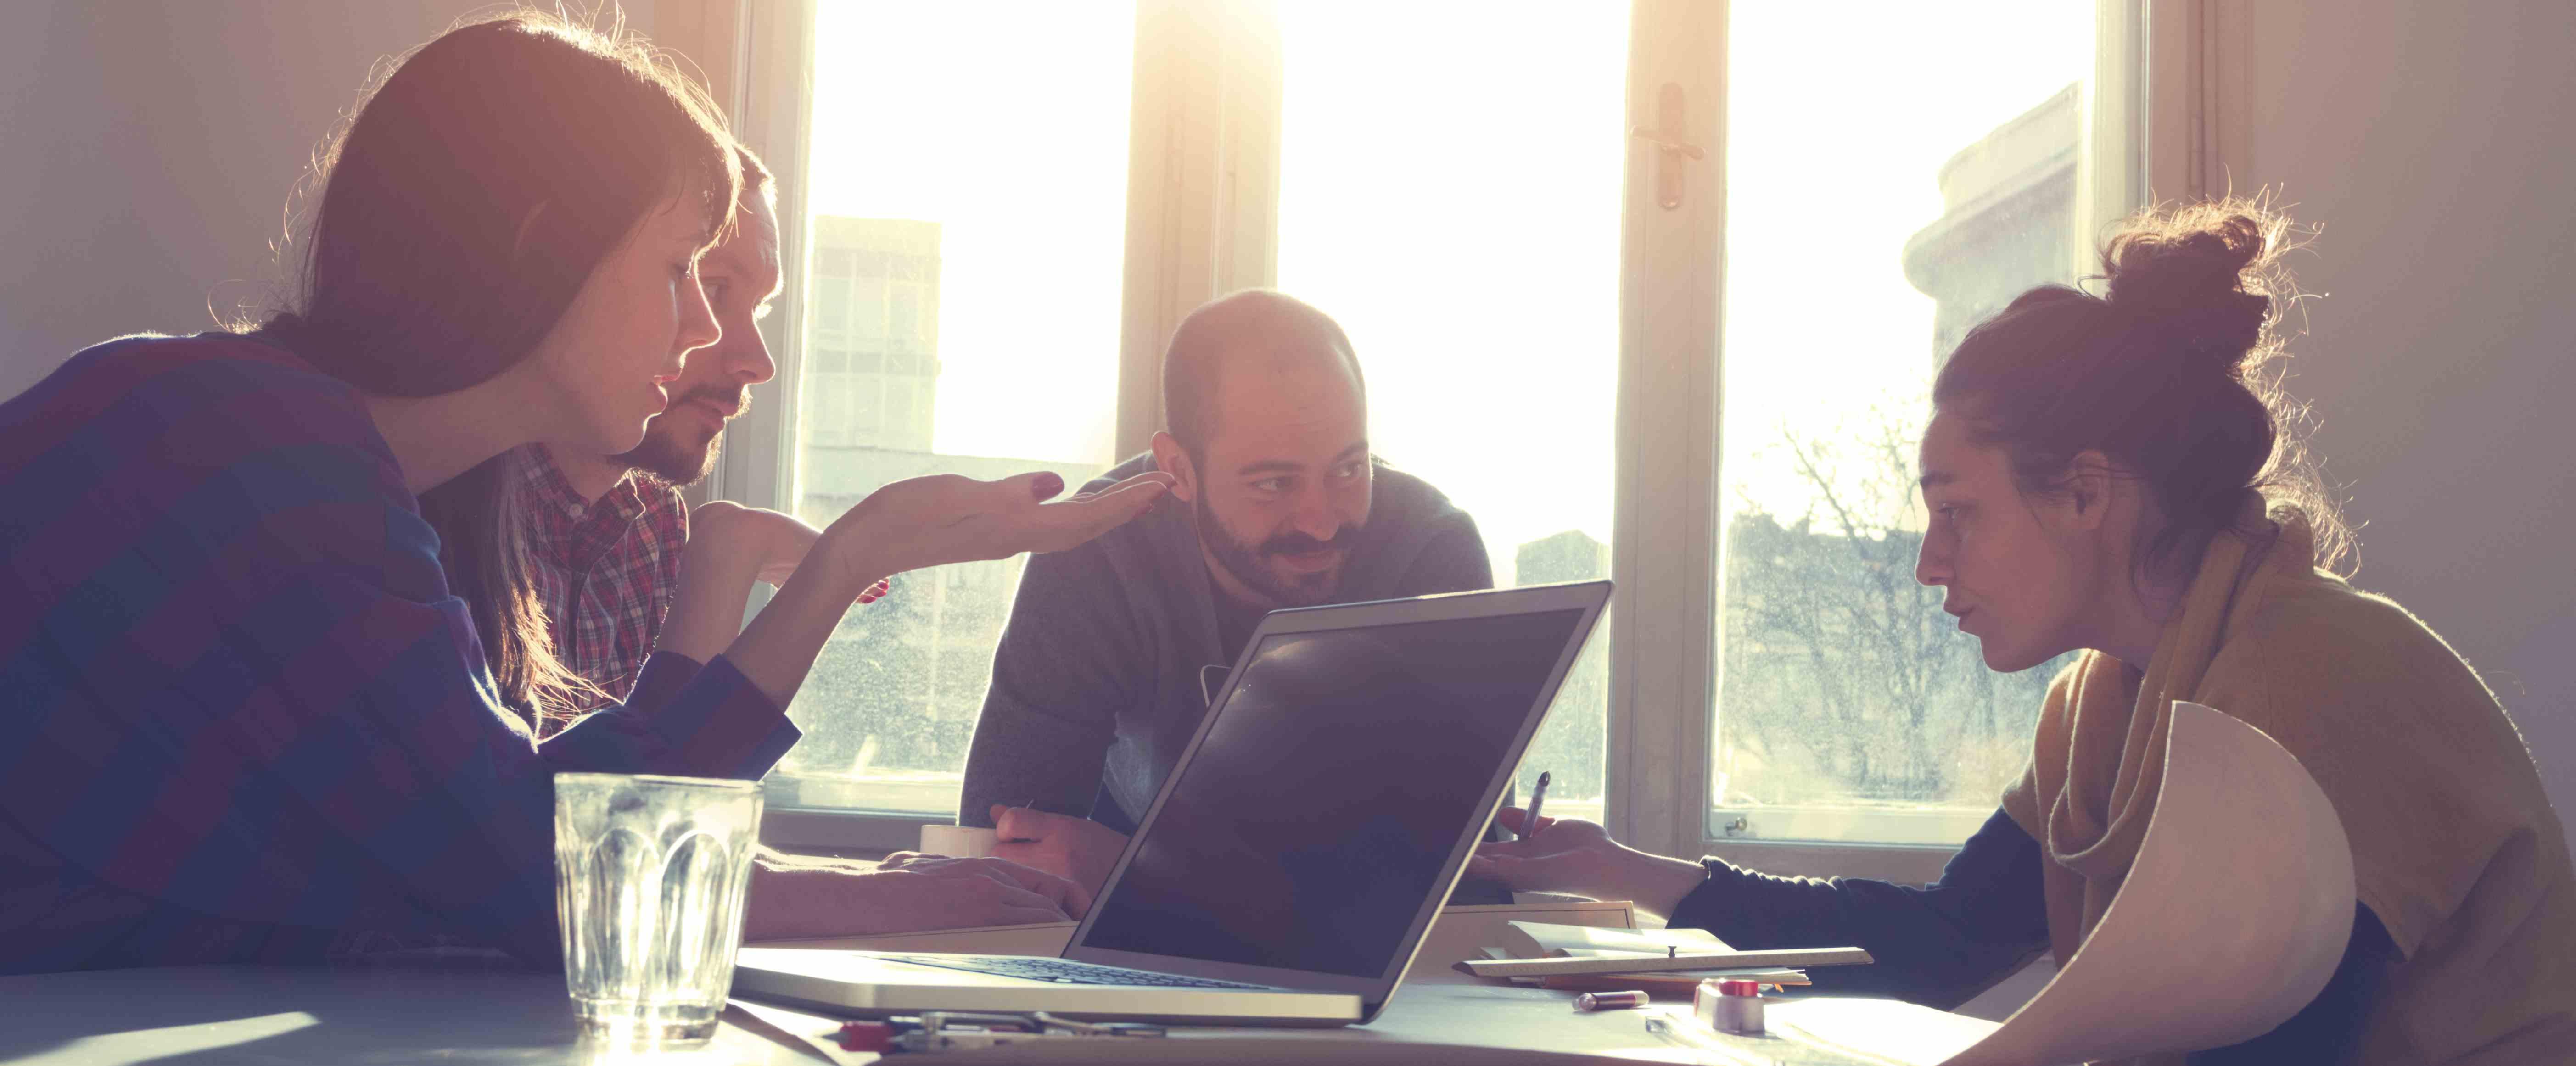 Enterprise SEM: Inside Search Engine Marketing for Business